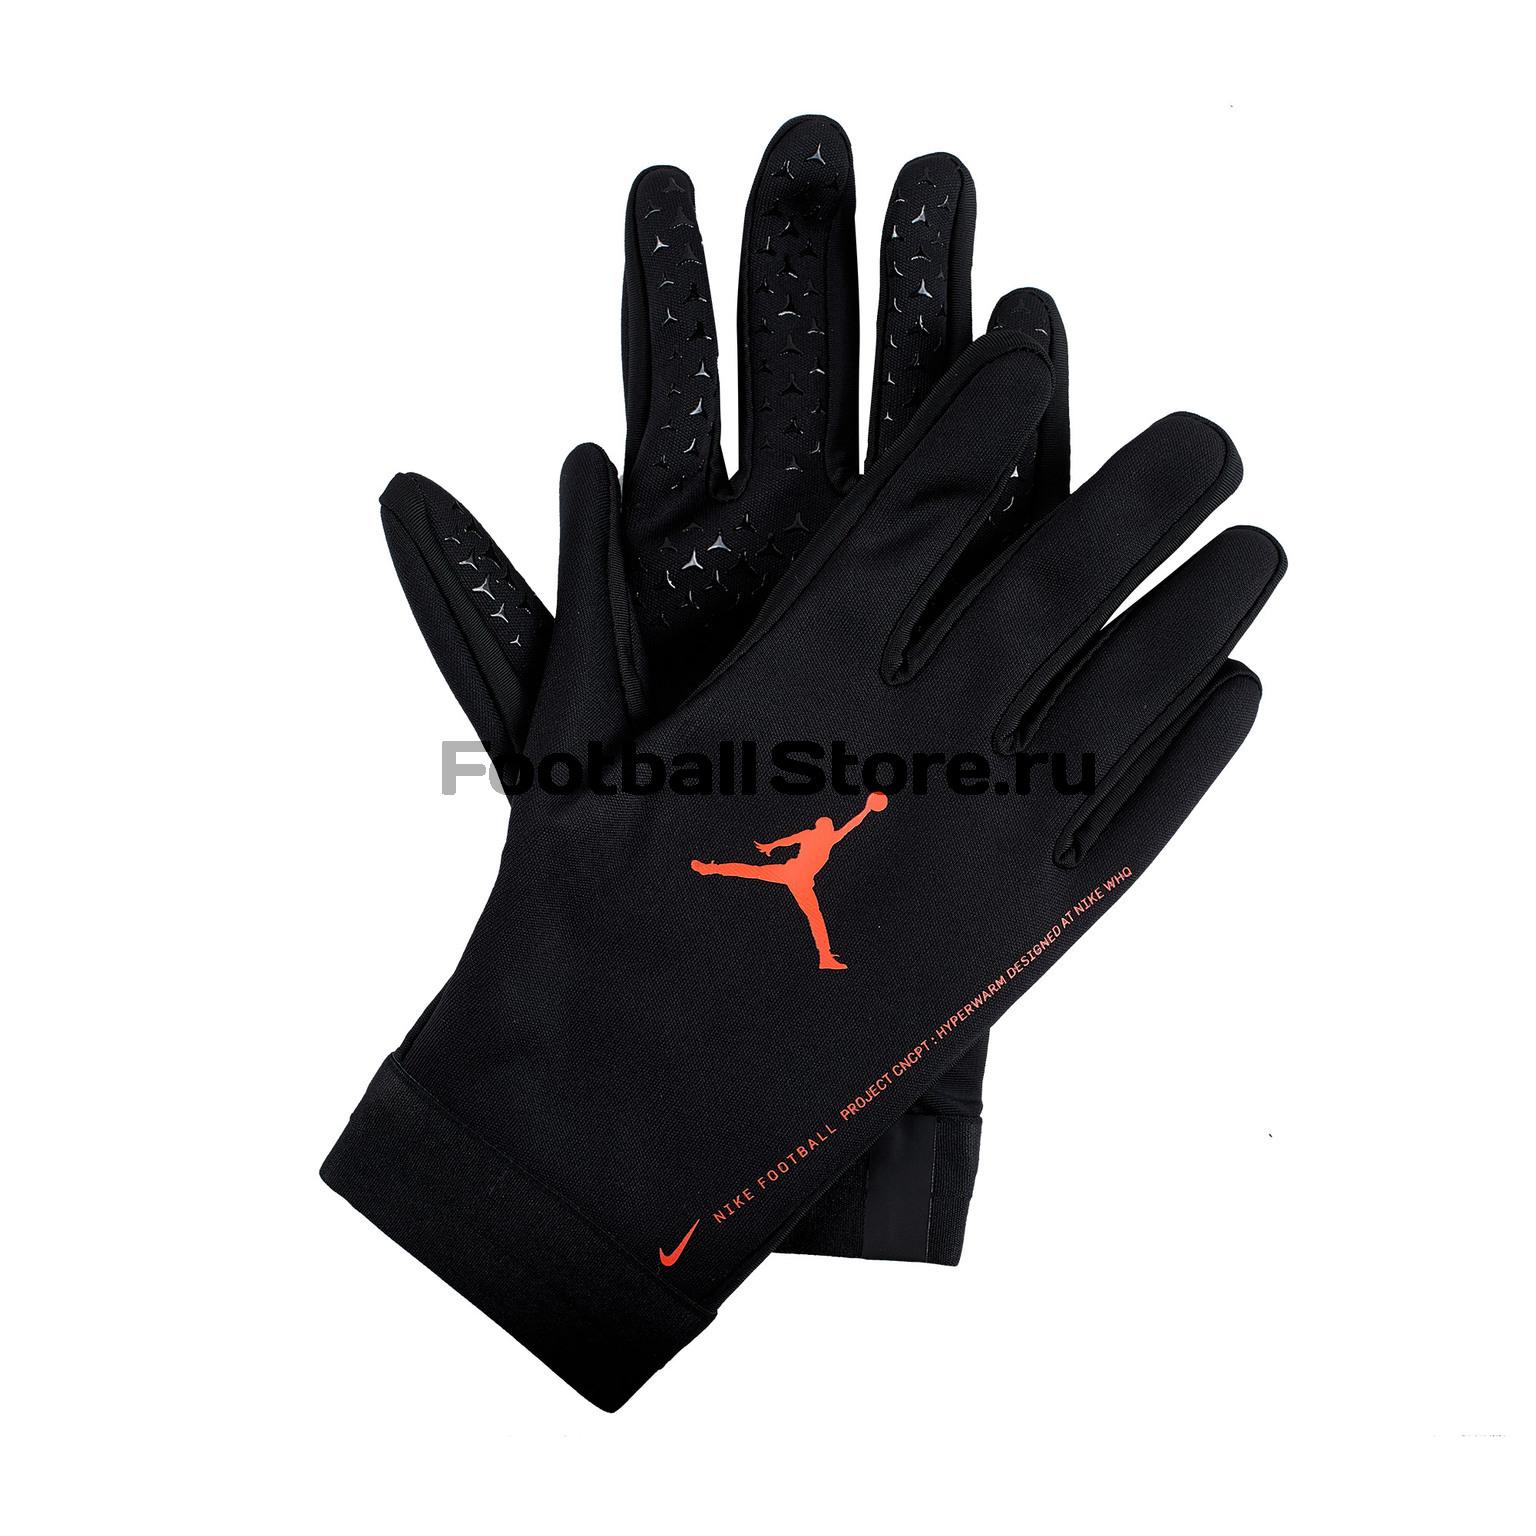 Перчатки тренировочные Nike PSG Jordan CQ0921-010 цена